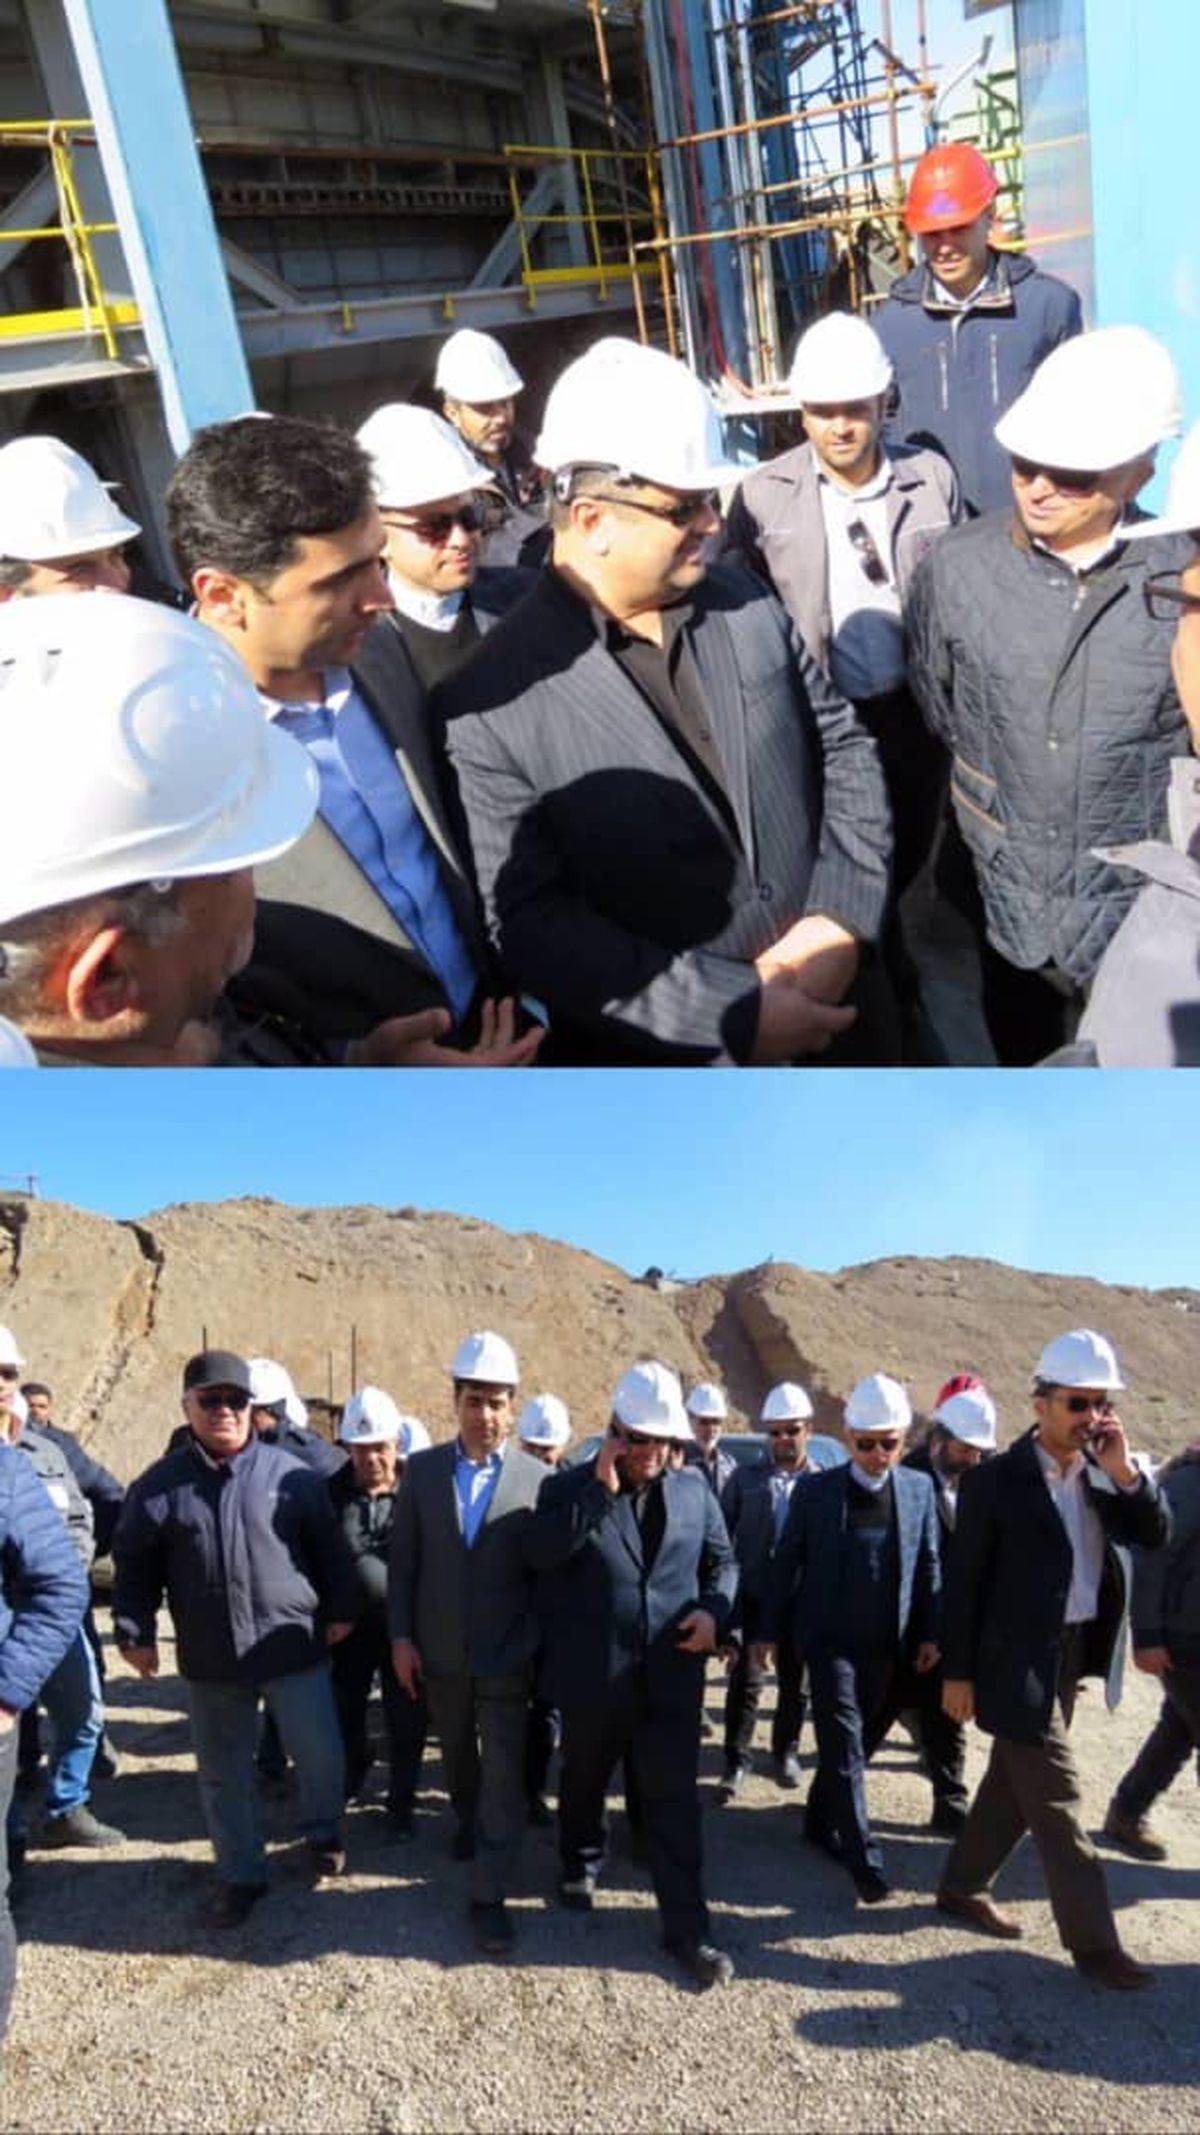 بازدید فرماندار خواف از کارخانجات شرکت صنعتی و معدنی توسعه فراگیر سناباد